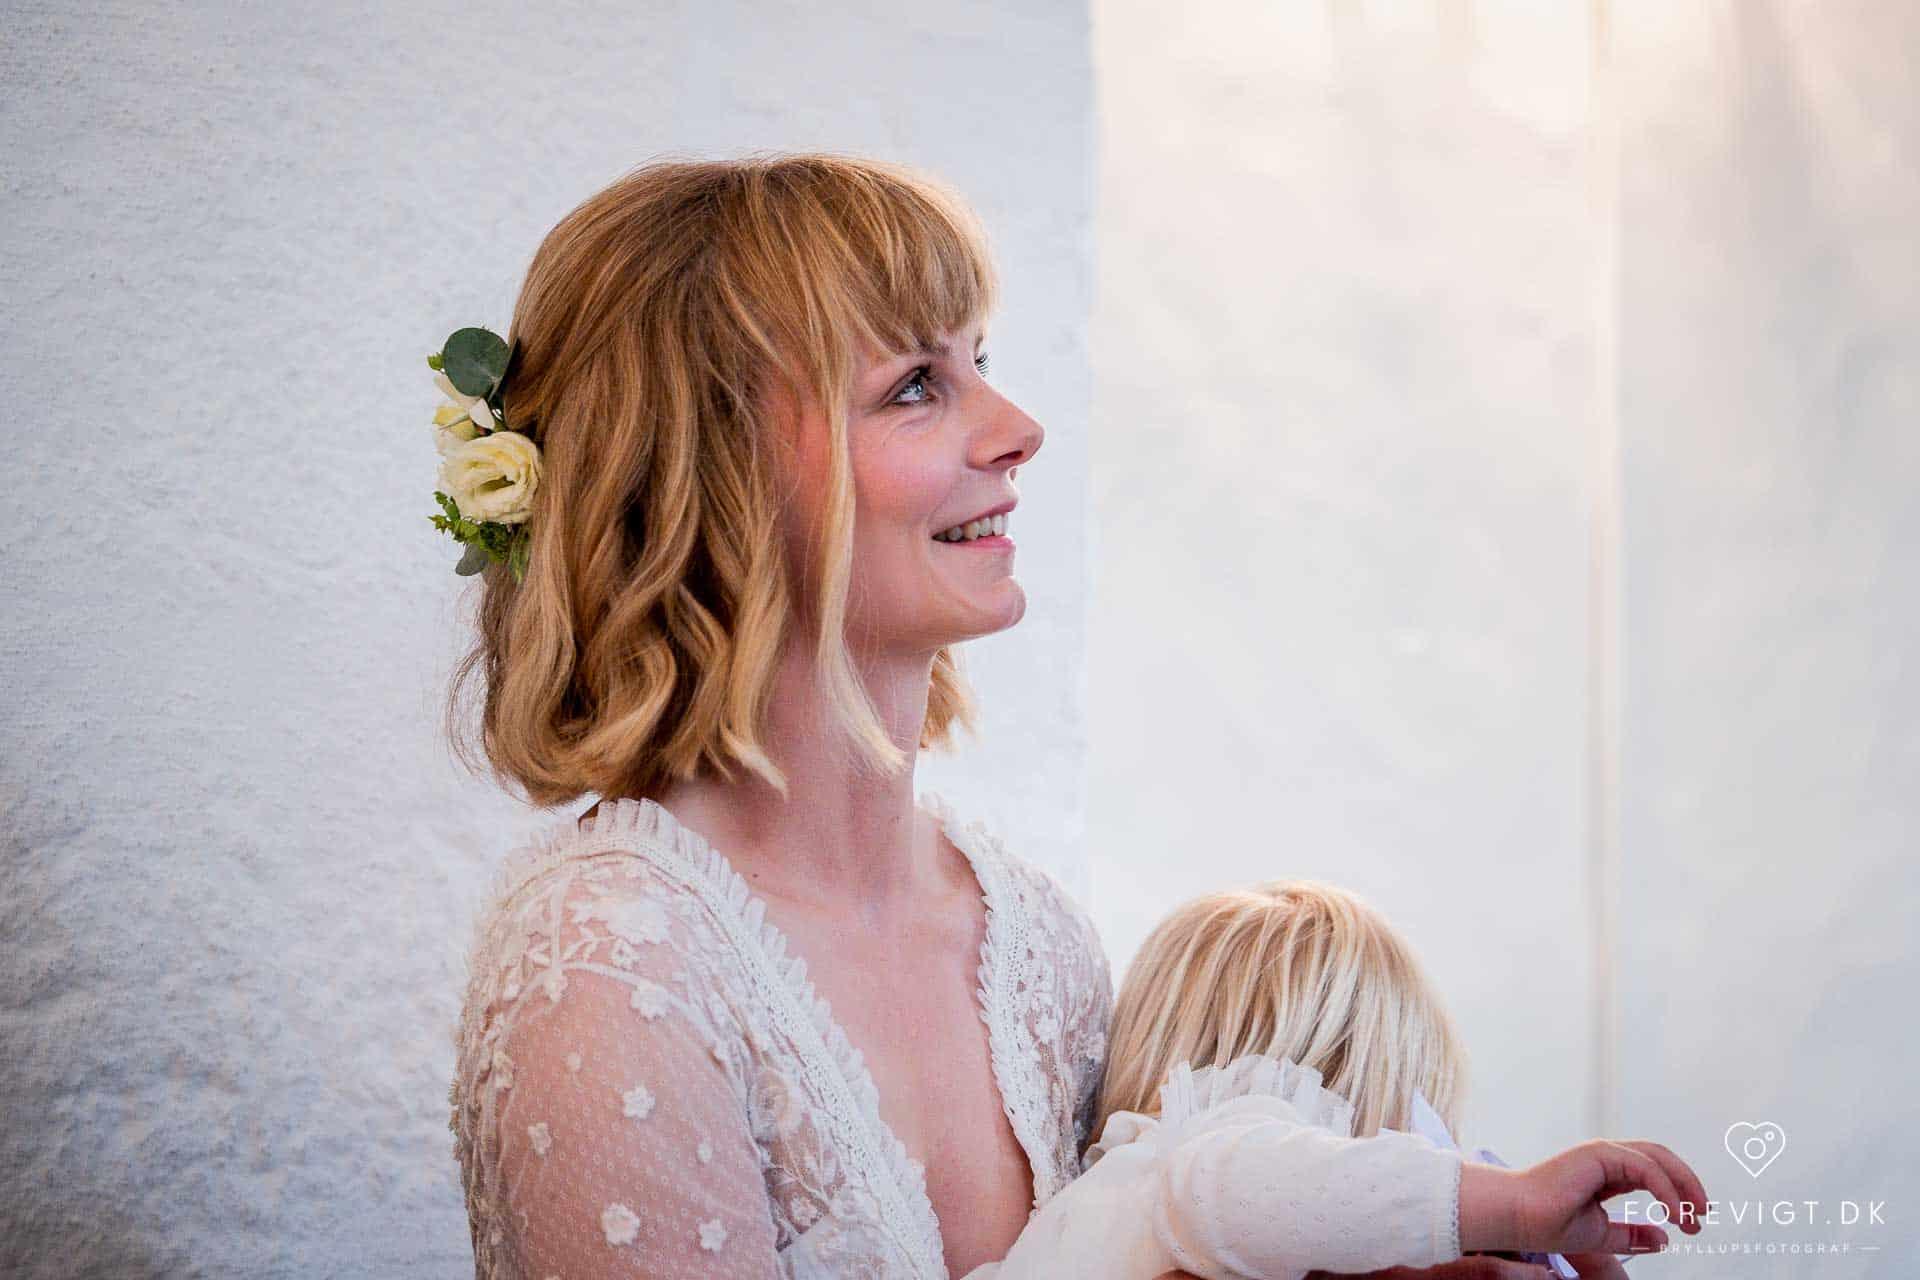 Selskaber, bryllup og fest i Aarhus